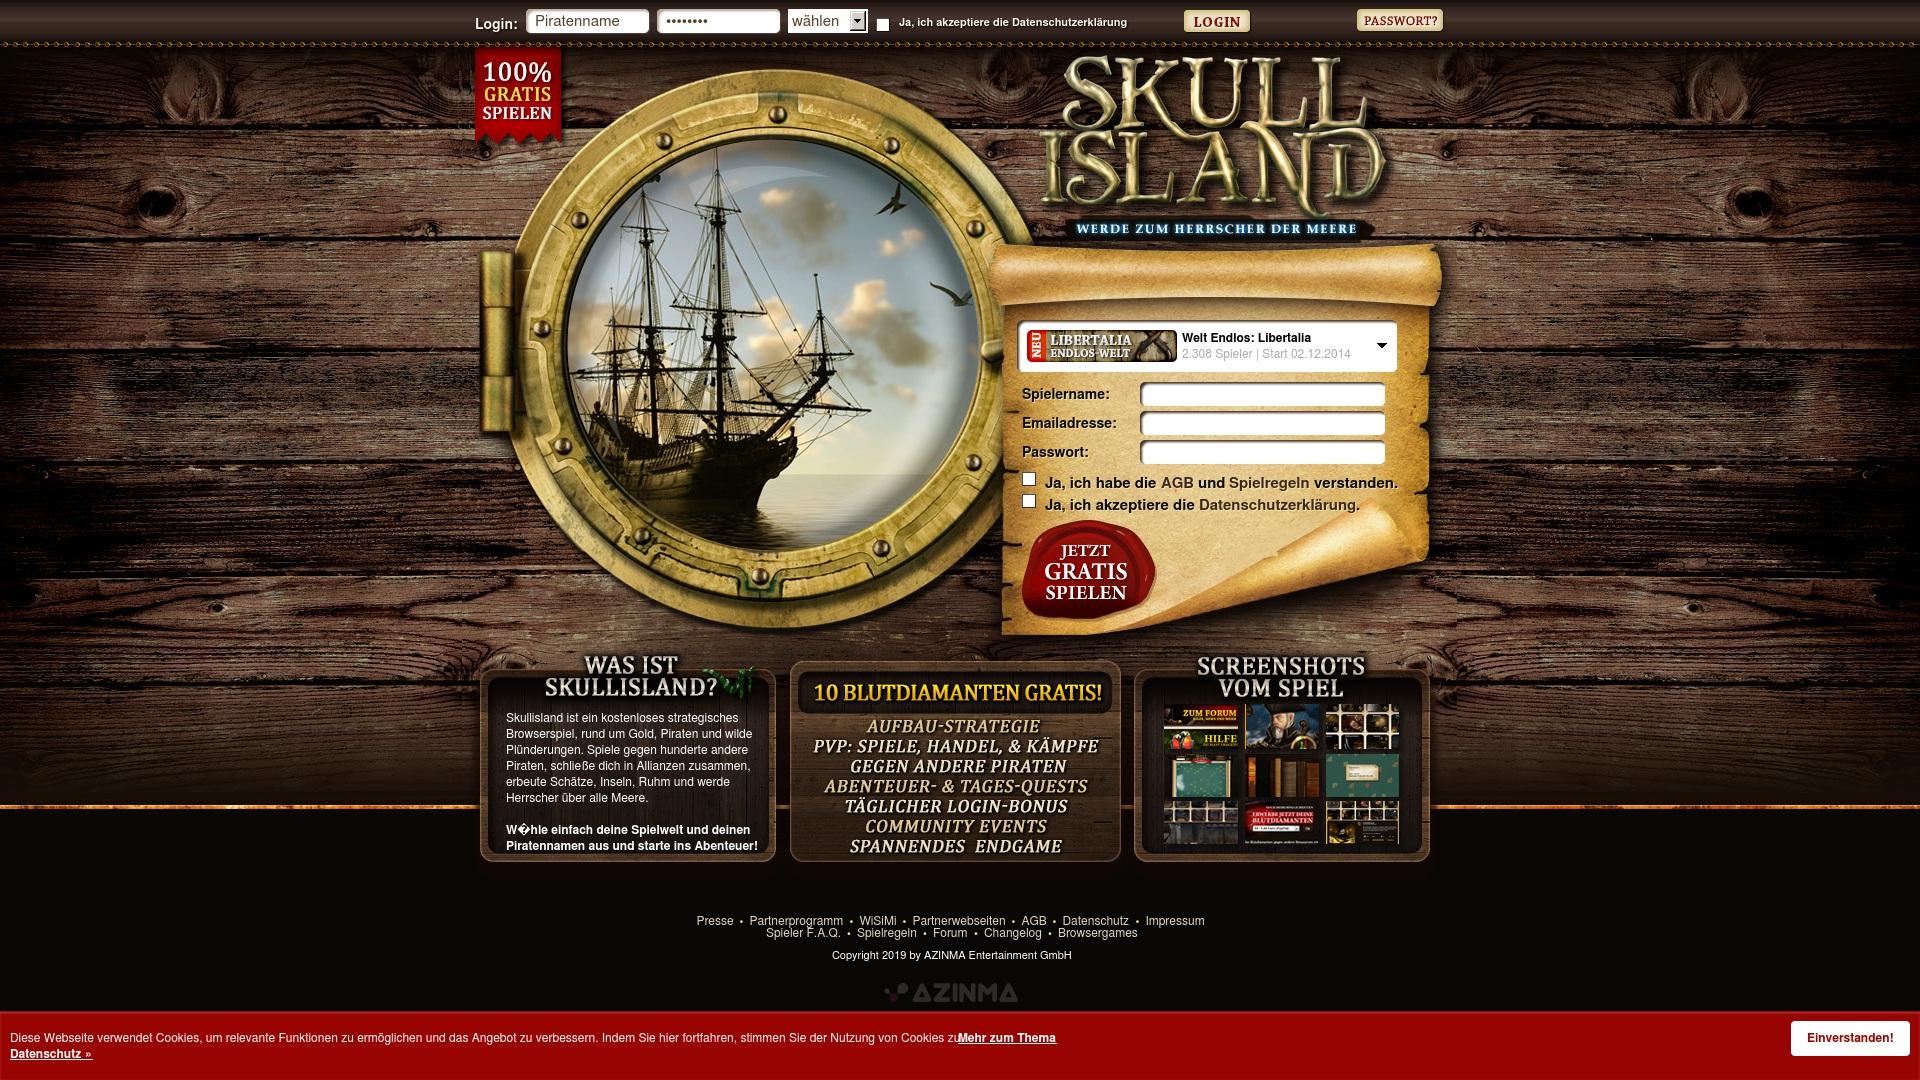 Gutschein für Skullisland: Rabatte für  Skullisland sichern